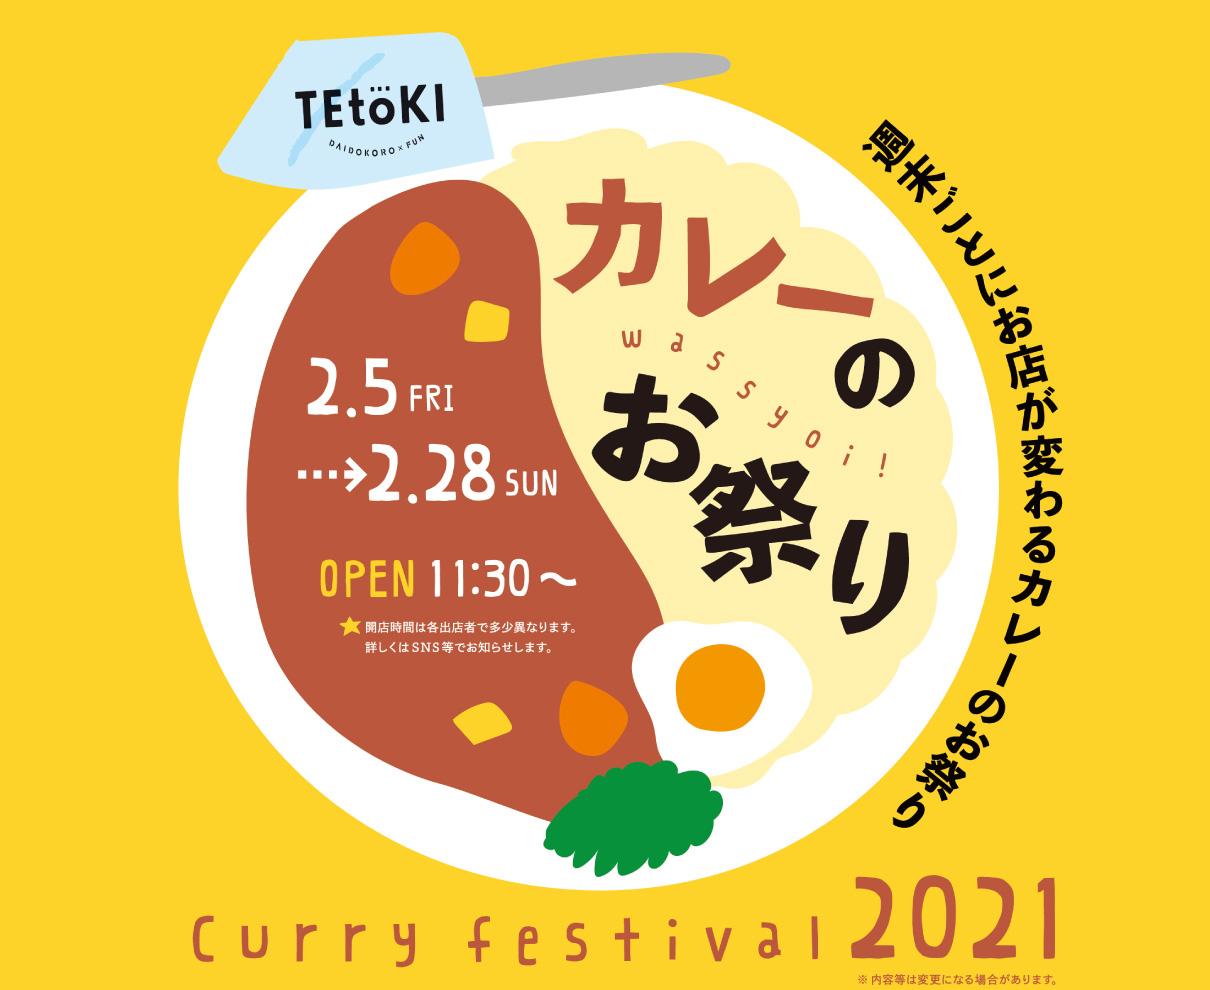 【2/5~】2月の週末は小浜へ行って美味しいカレーを食べよう!『TEtoKIカレーのお祭り』